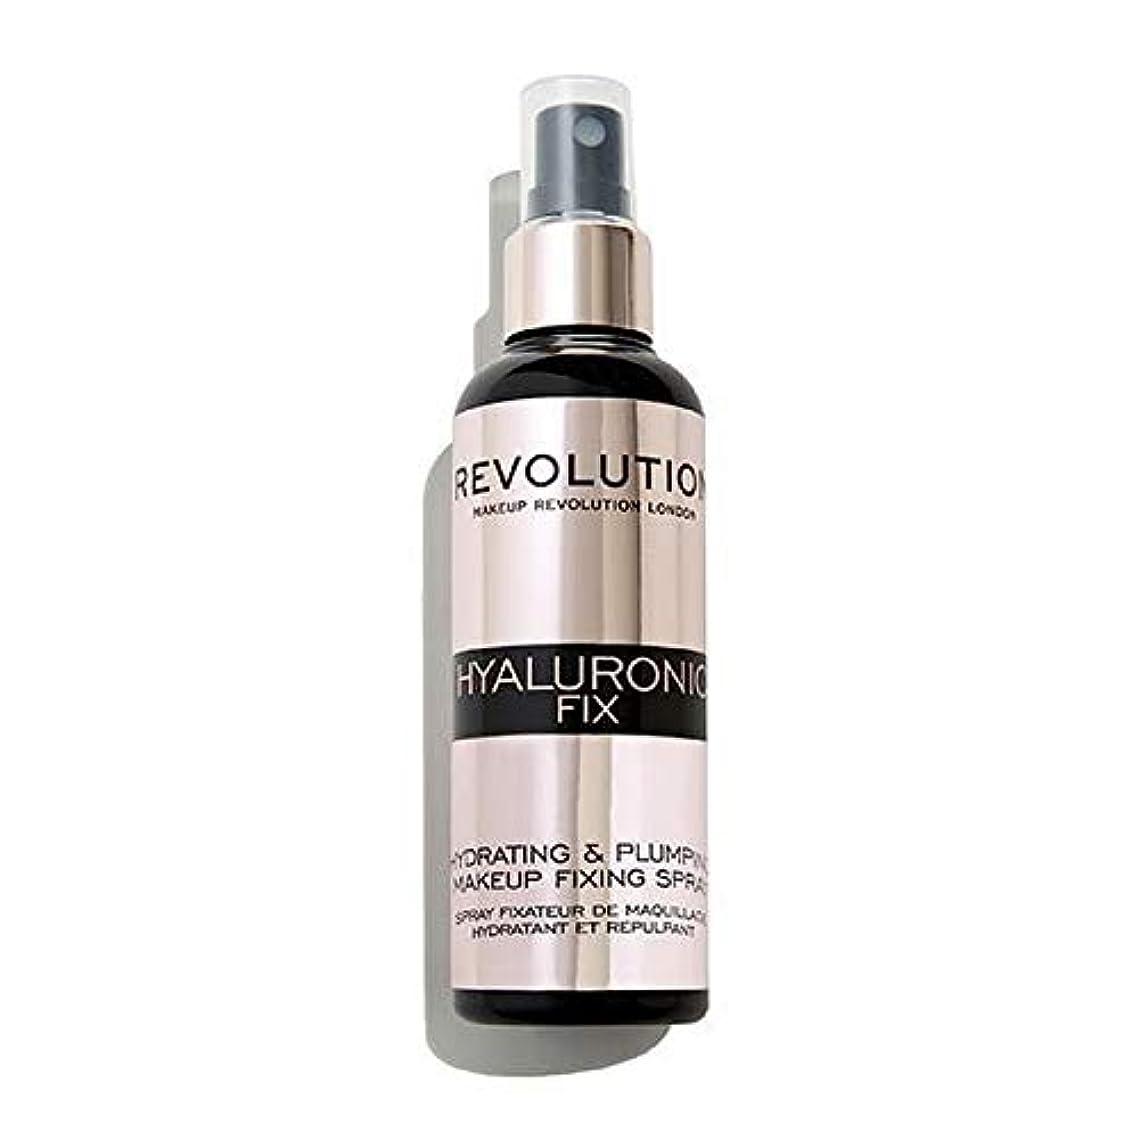 脱臼するイディオム眠っている[Revolution ] 化粧革命ヒアルロン固定スプレー - Makeup Revolution Hyaluronic Fixing Spray [並行輸入品]